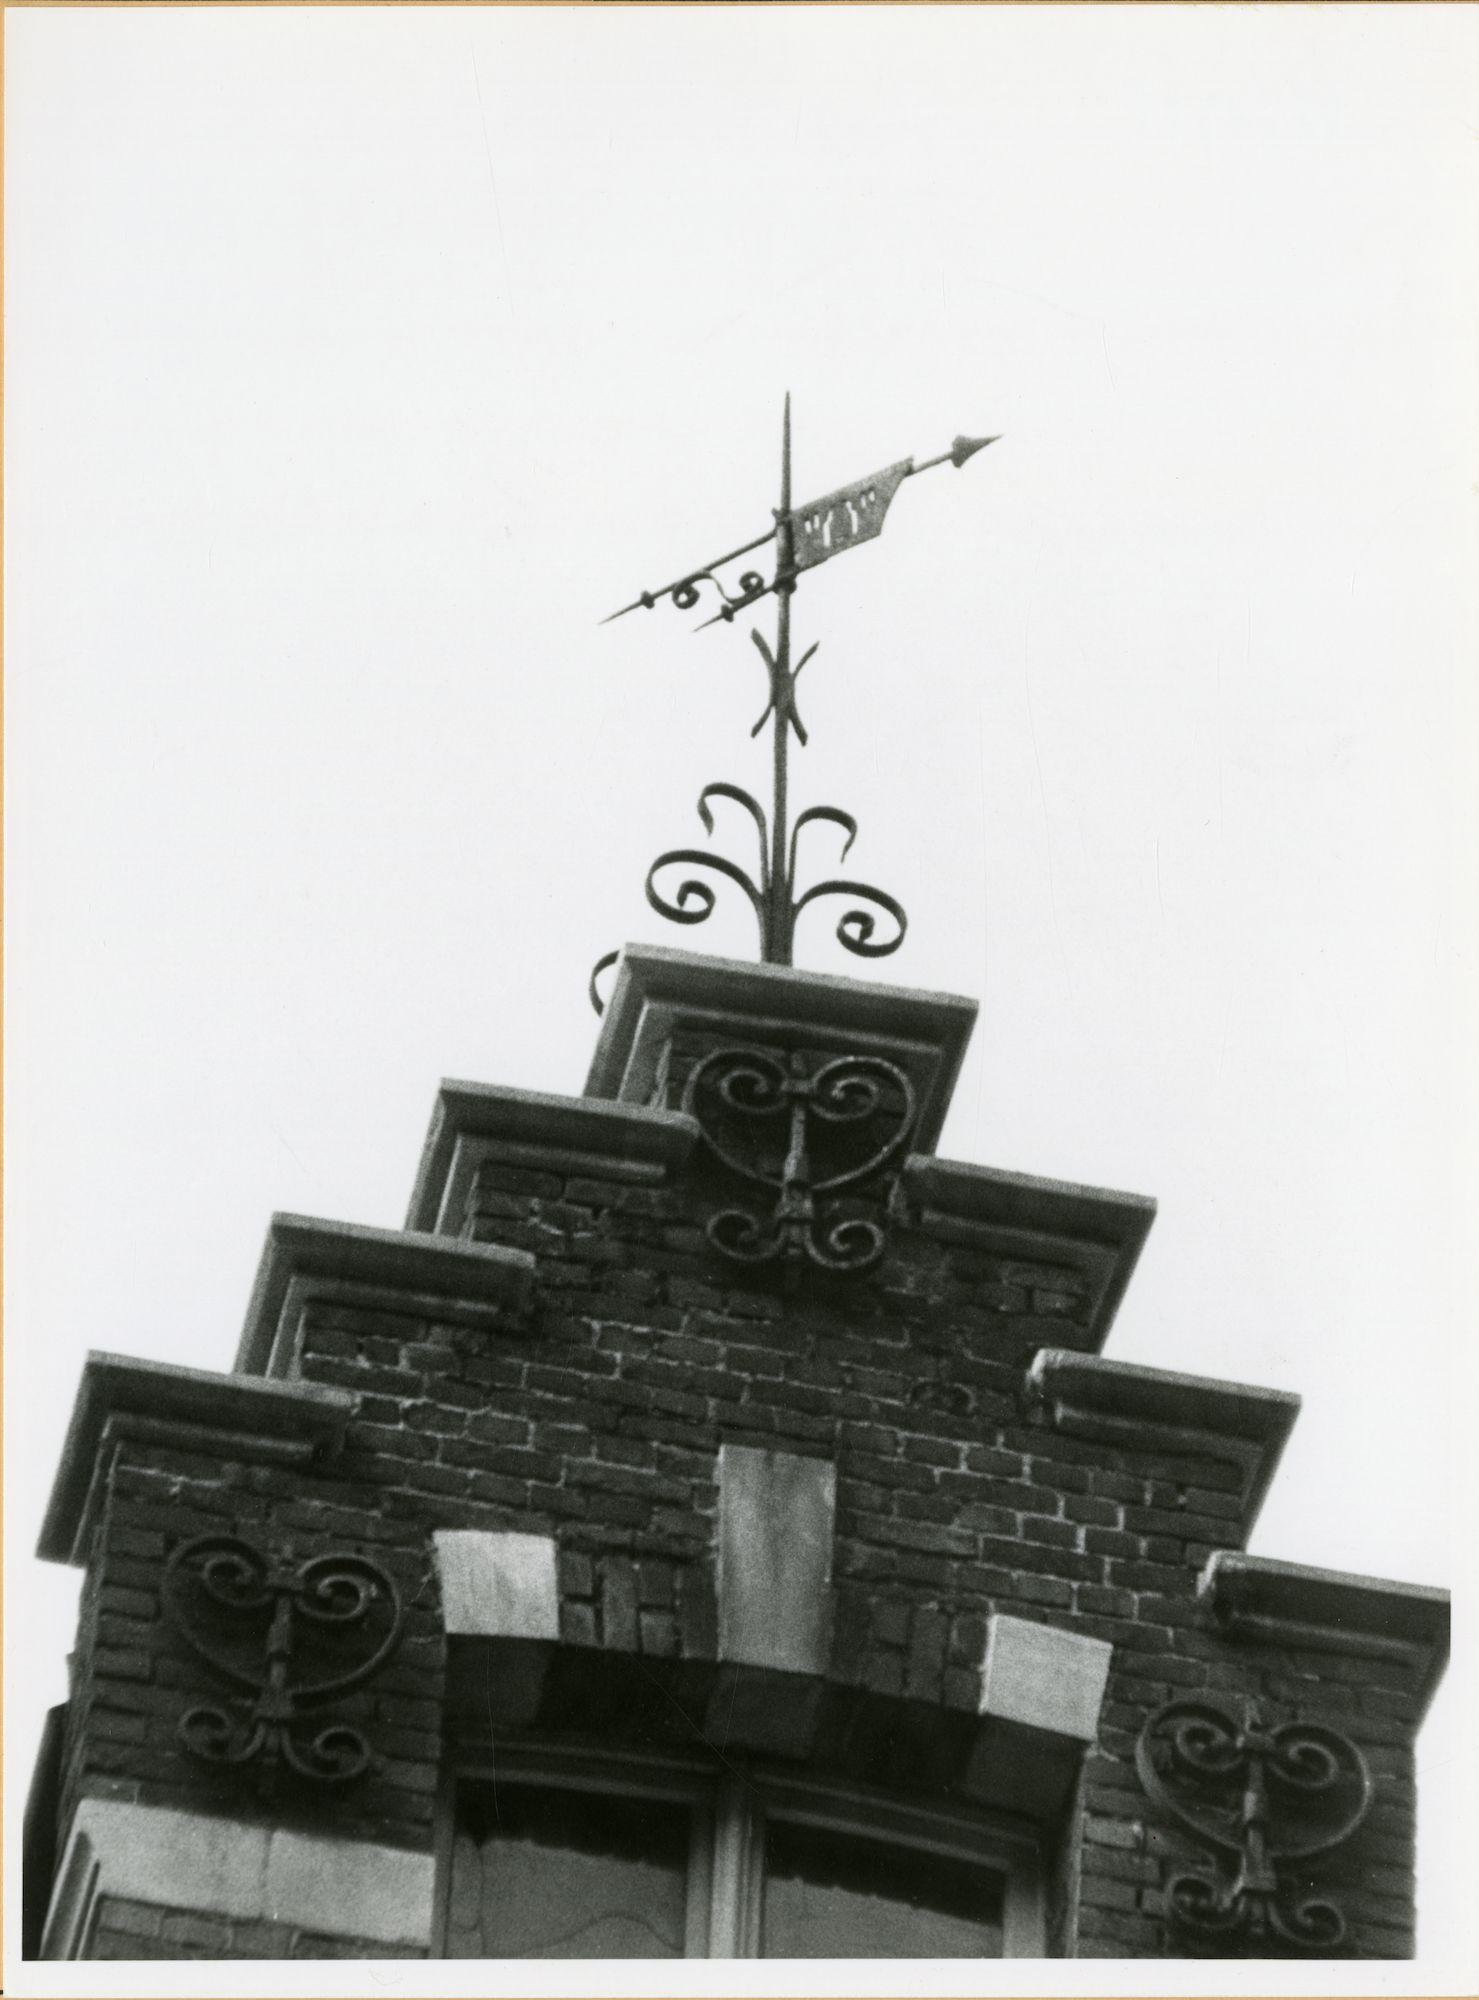 Gent: Fortlaan 52: nokversiering: windwijzer, 1979